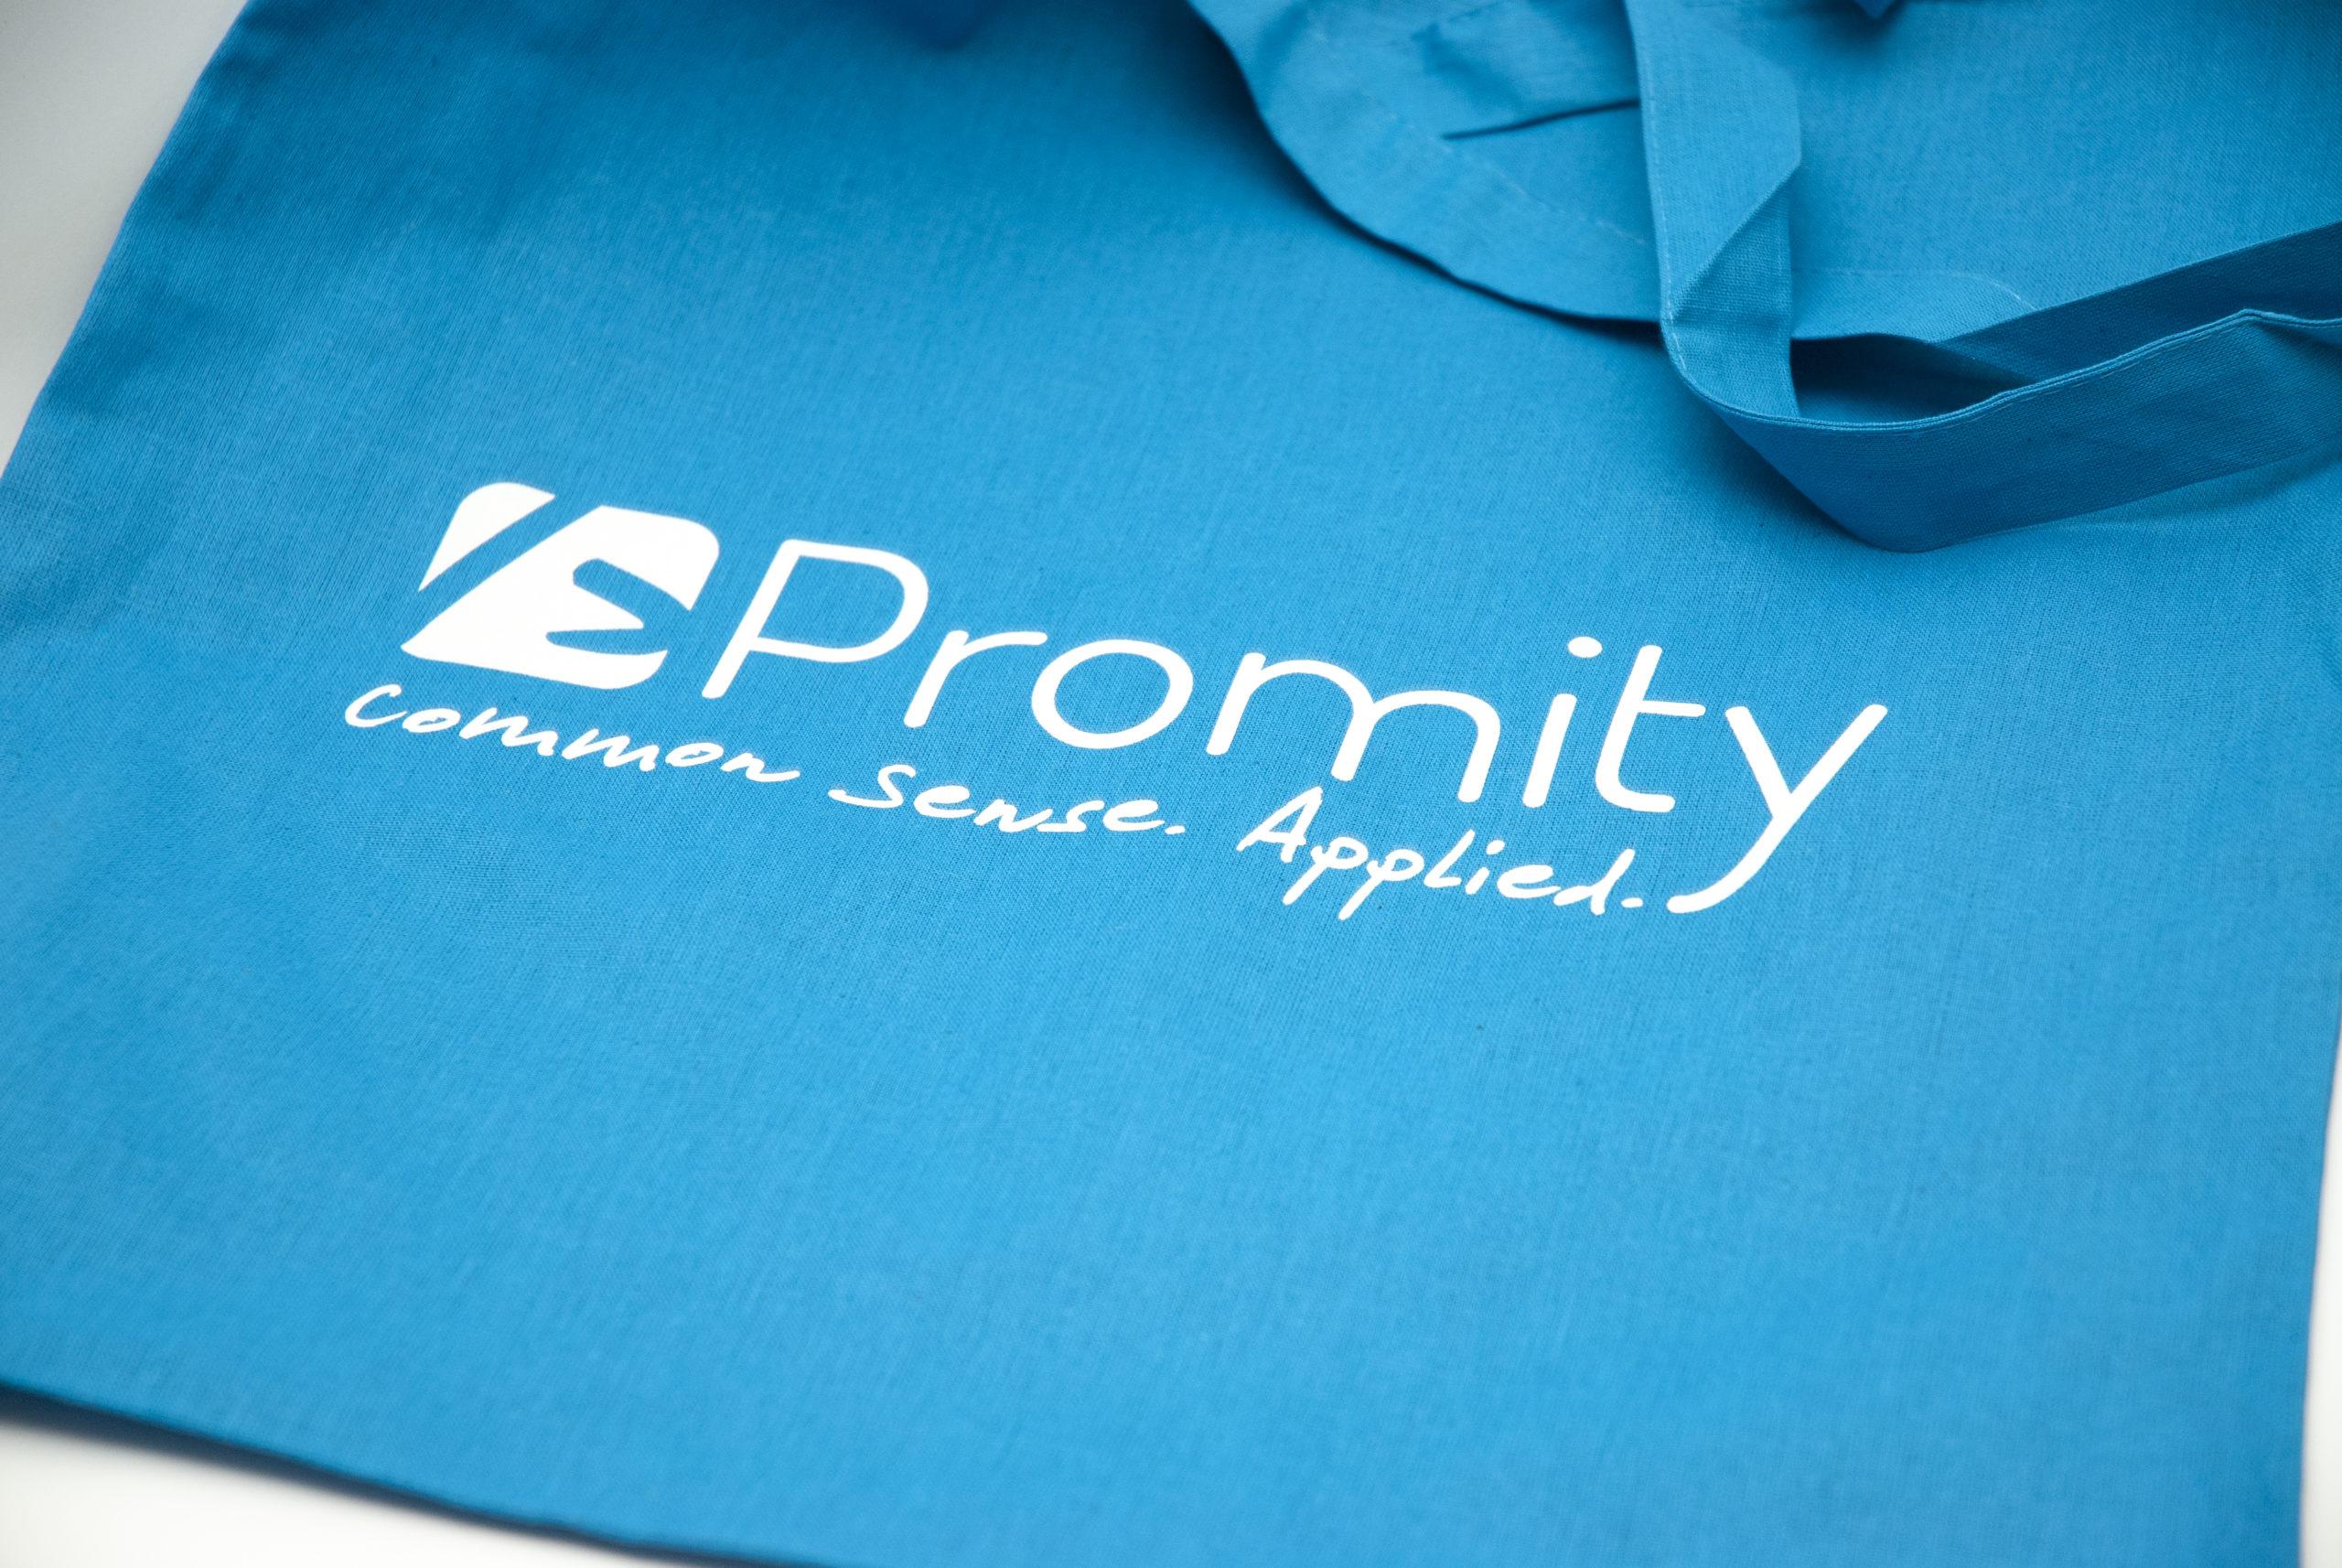 Torby bawełniane reklamowe z logo